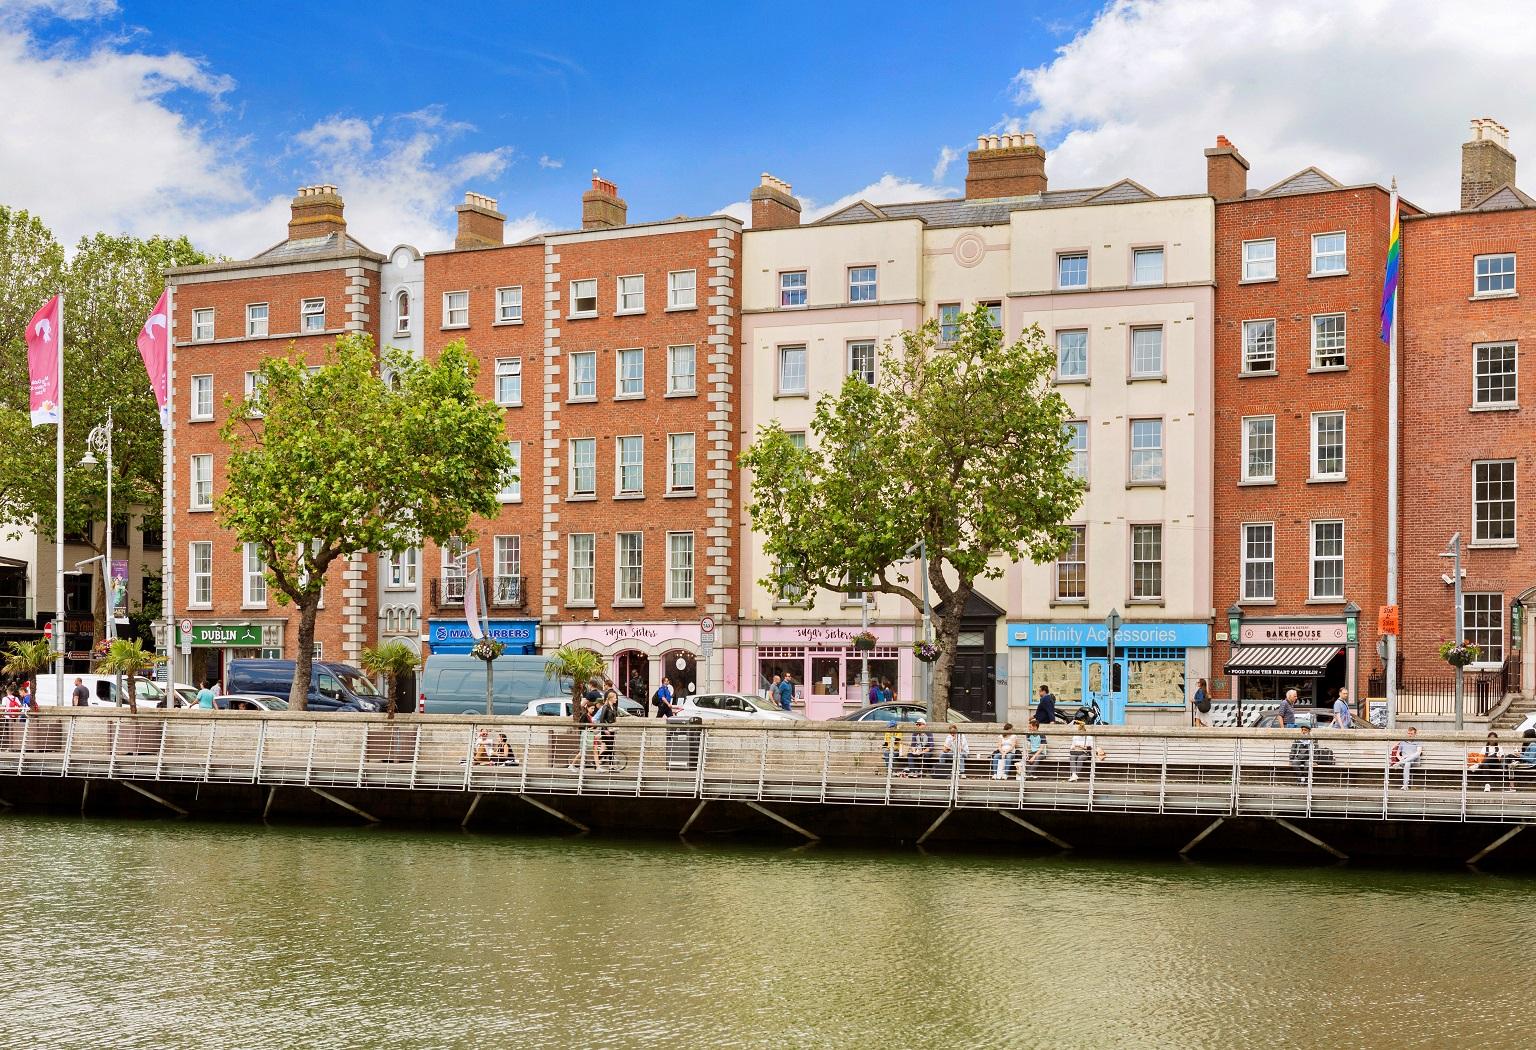 61 Bachelors Walk Apartments, Dublin 1 - Owen Reilly Owen ...